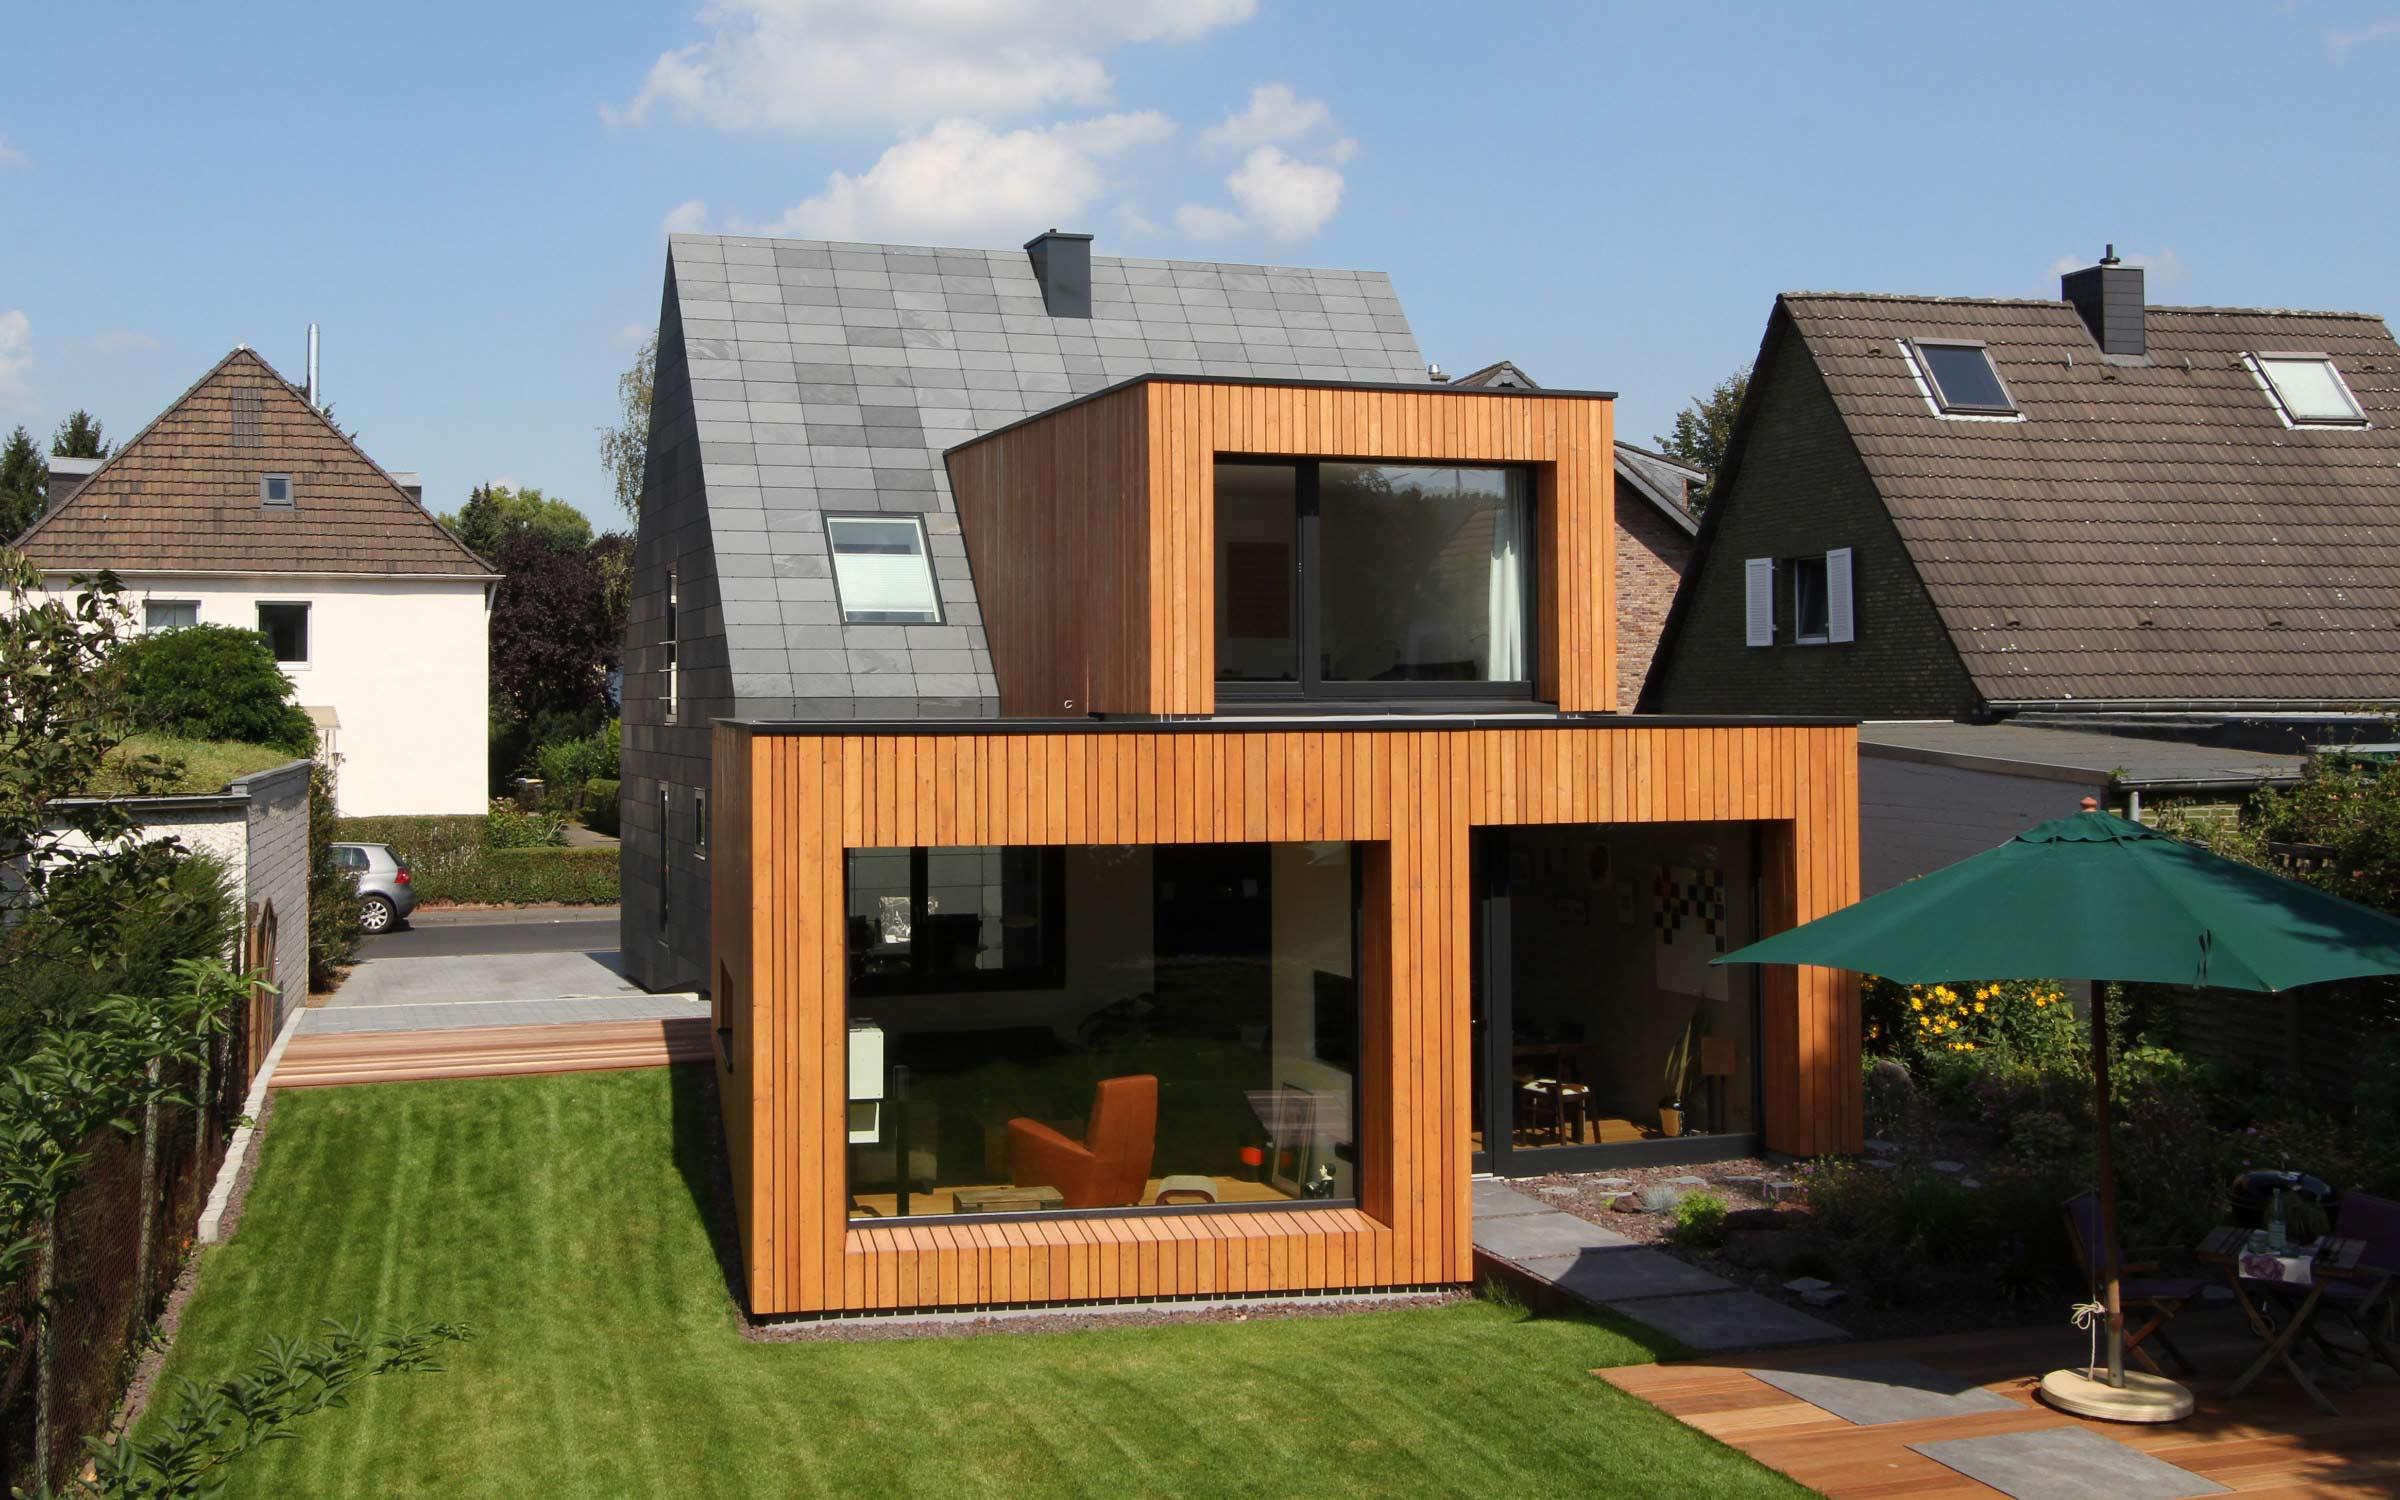 Siedlungshaus Modernisieren vollsanierung & erweiterung: siedlungshaus (efh)